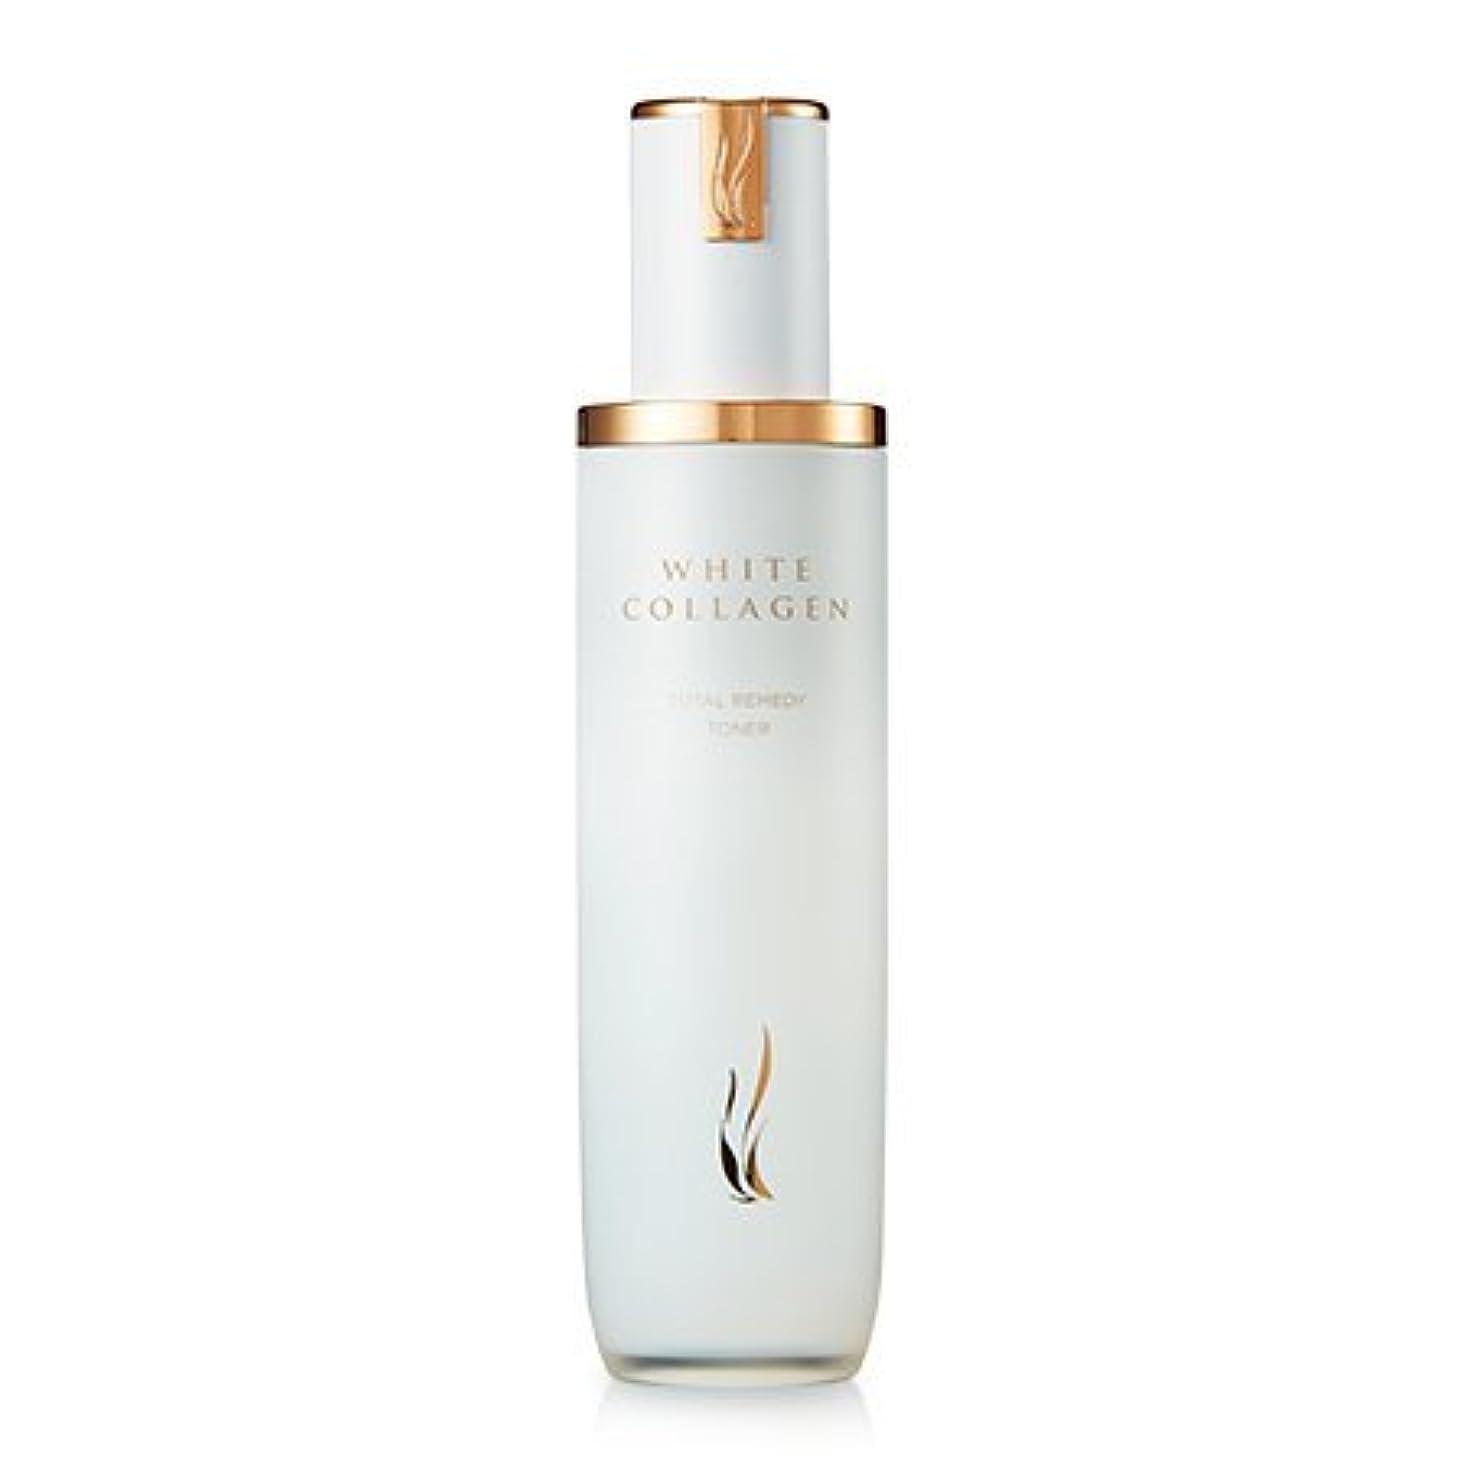 騒オークランド騒[New] A.H.C (AHC) White Collagen Total Remedy Toner 130ml/A.H.C ホワイト コラーゲン トータル レミディ トナー 130ml [並行輸入品]